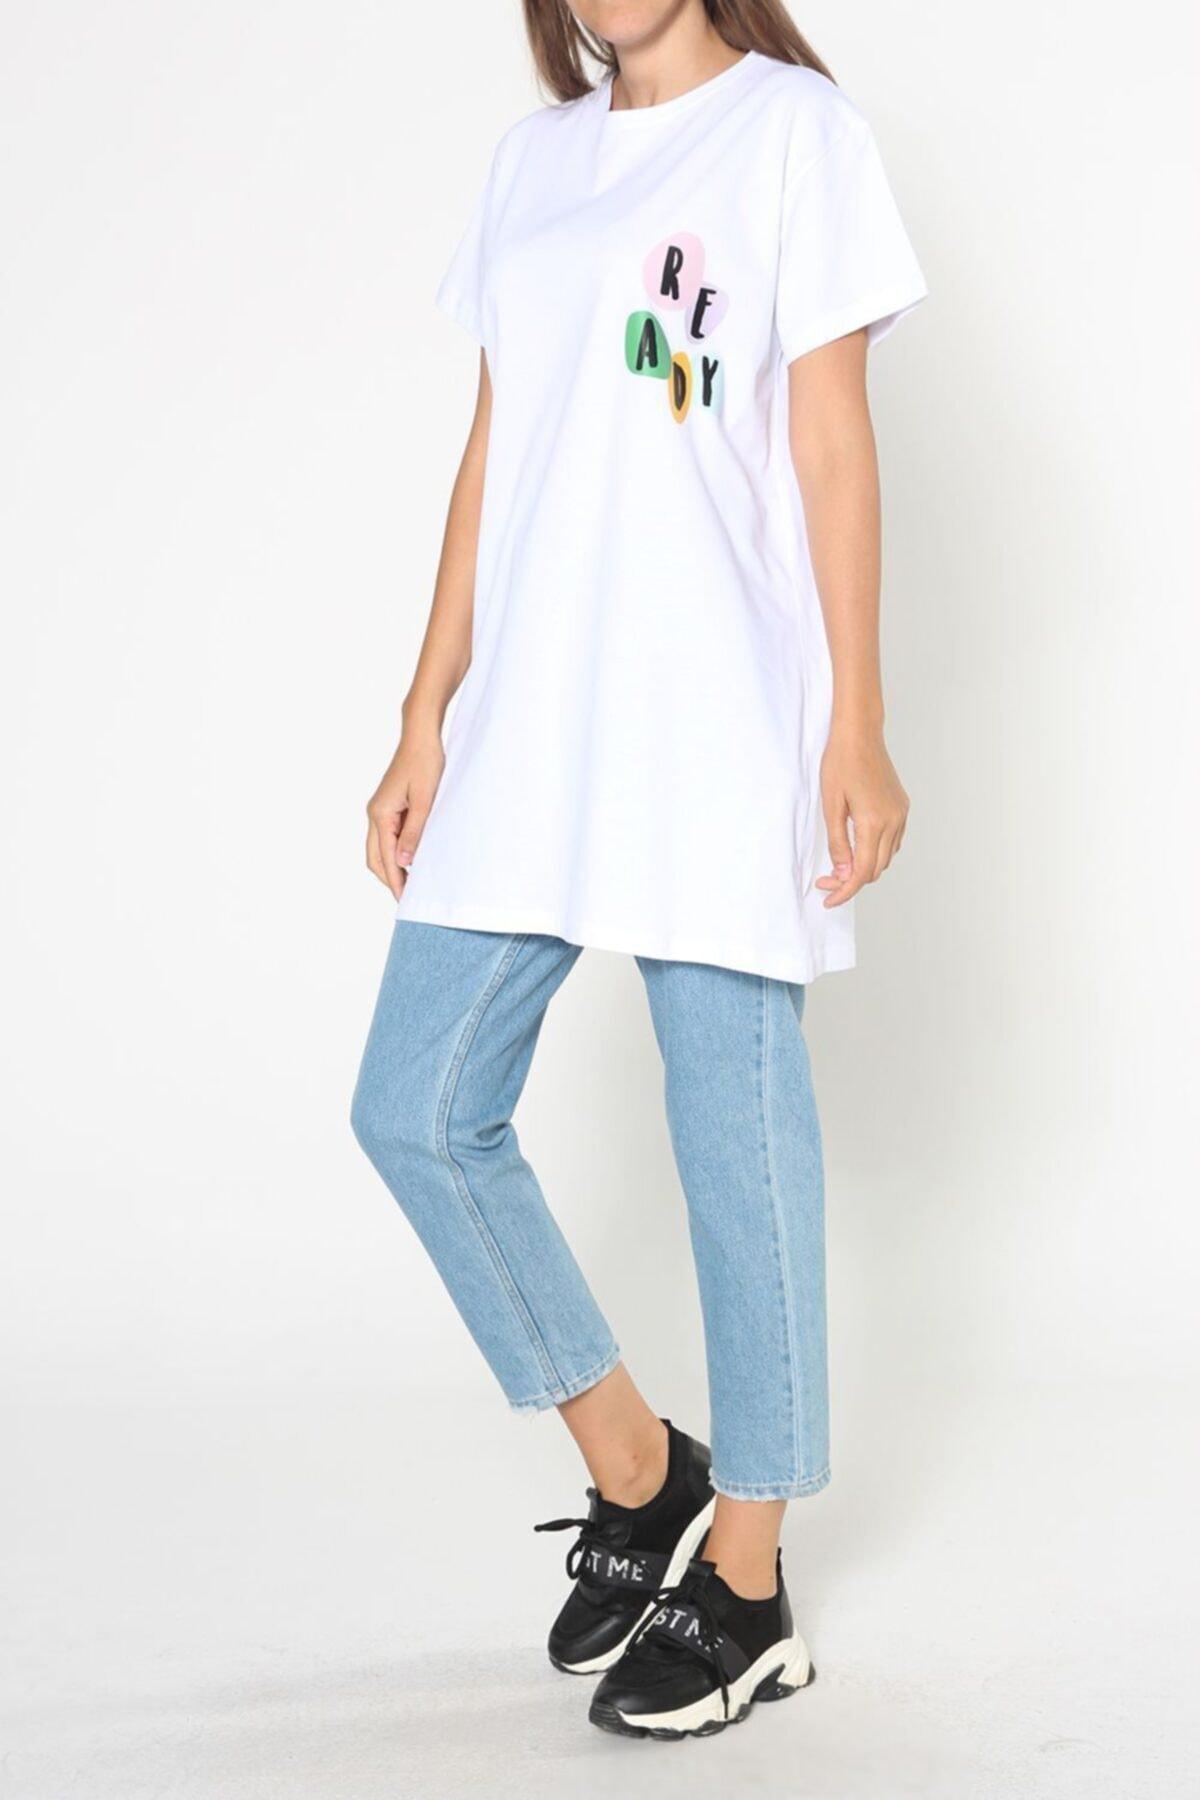 ALLDAY Beyaz Baskılı Kısa Kol T-shirt 1